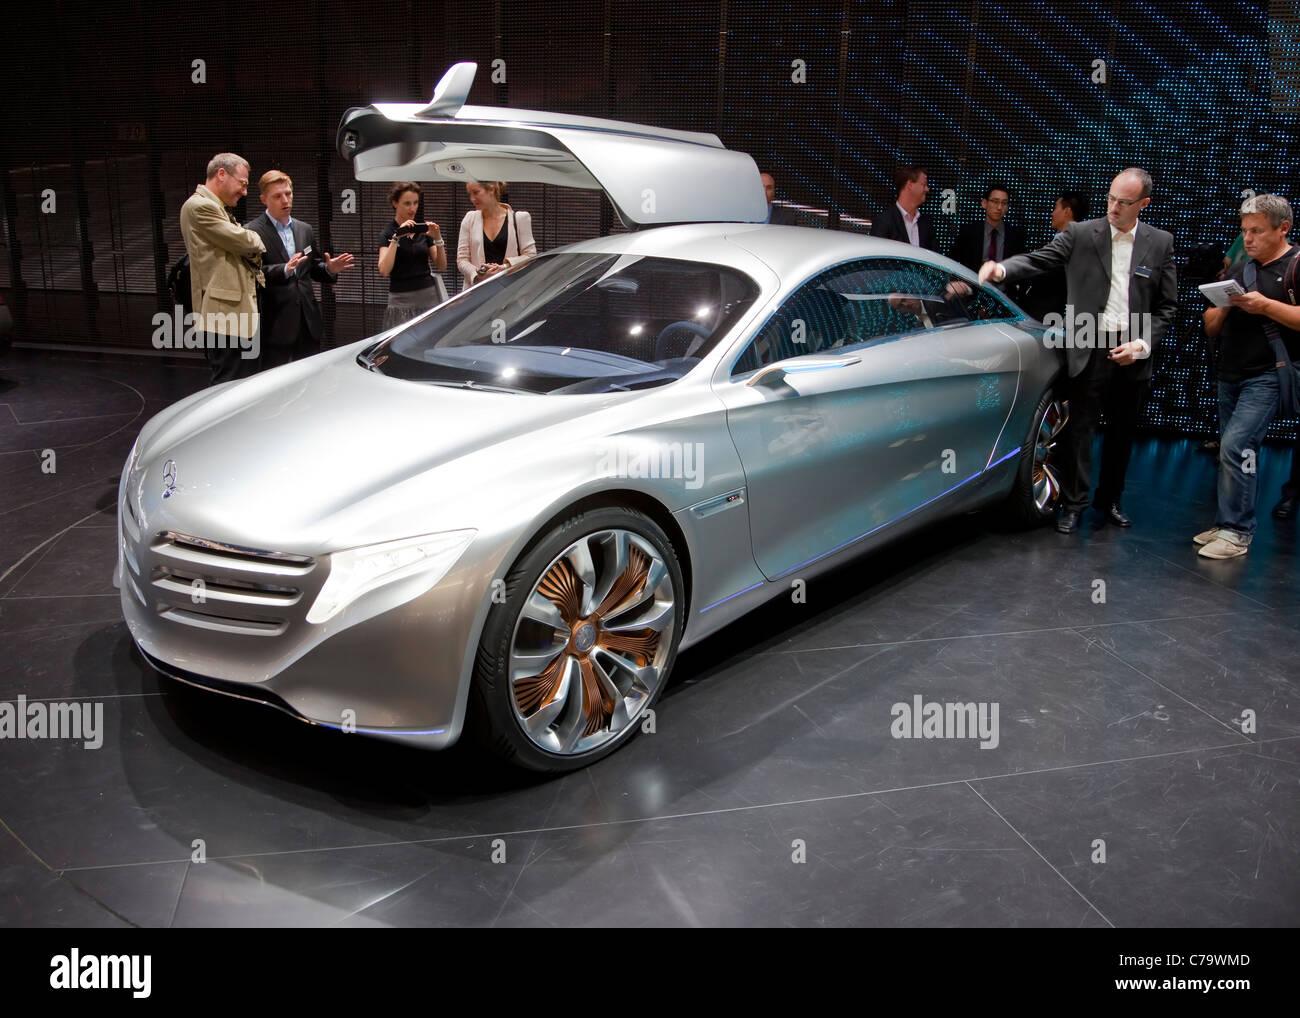 Neue Mercedes-Benz Concept Car F125 auf der IAA 2011 International Motor Show Frankfurt am Main, Deutschland Stockbild